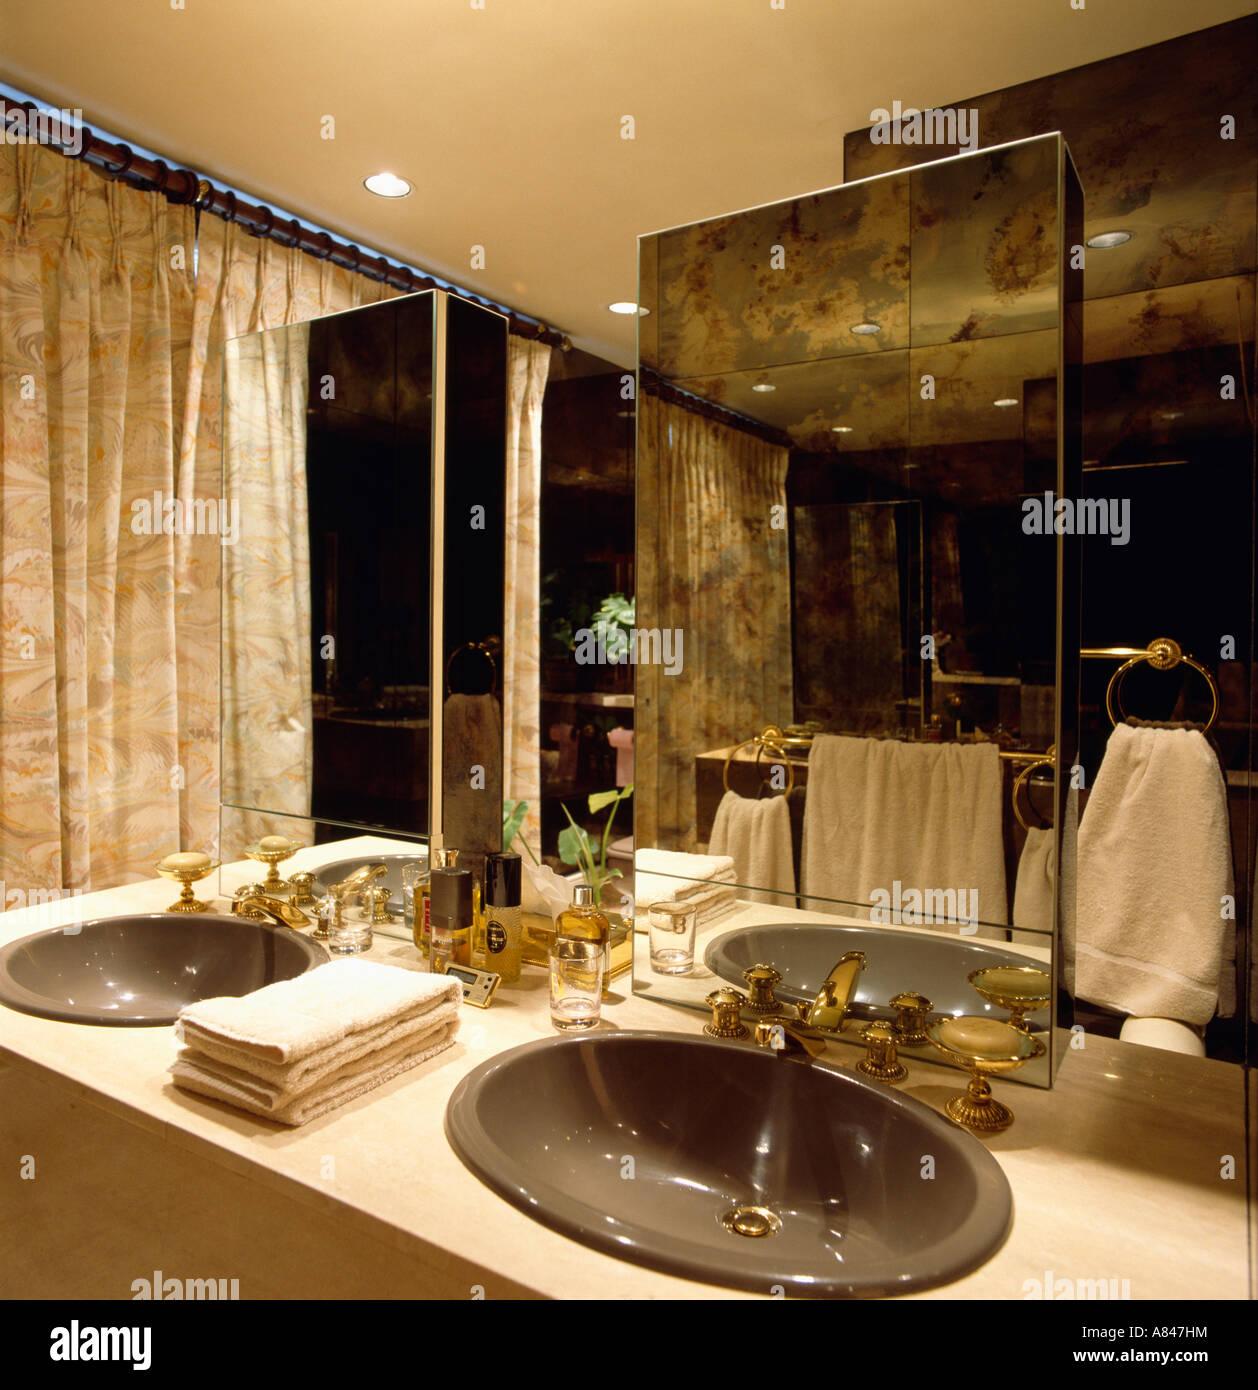 Brown plastic oval basins in vanity unit below mirror in town bathroom - Stock Image